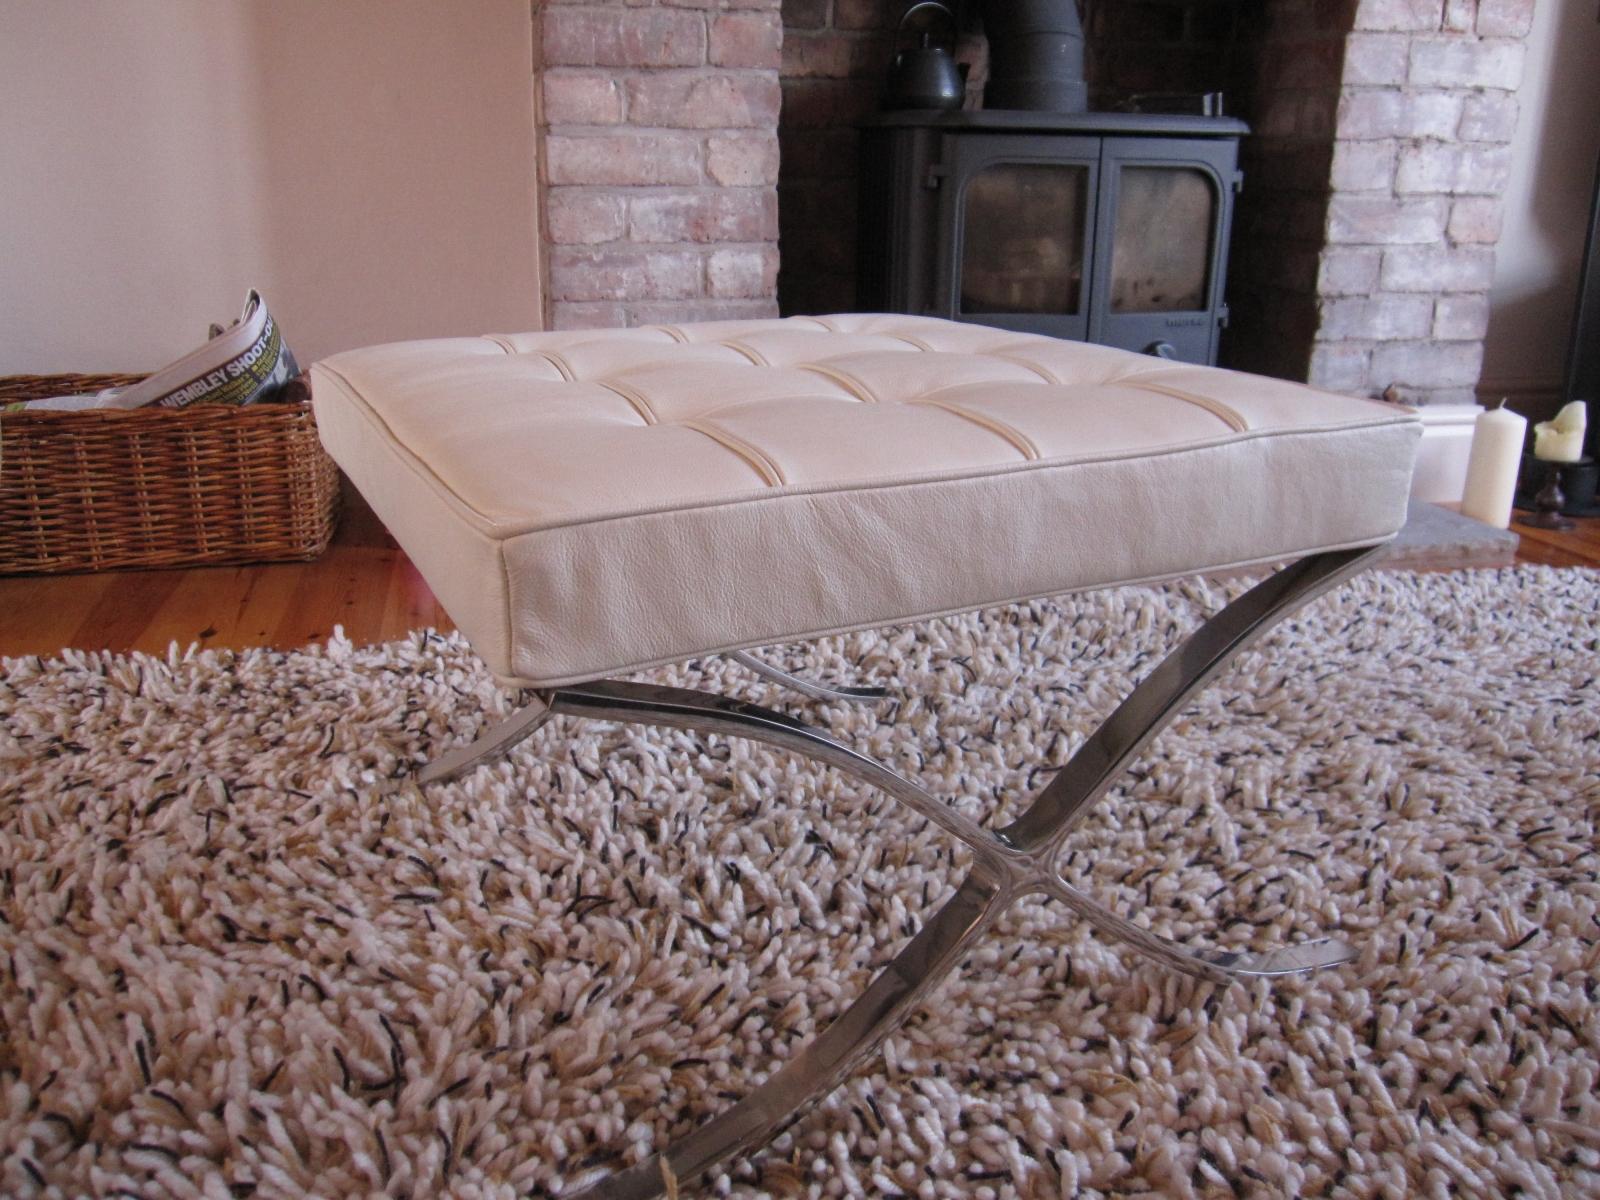 location de pouf barcelona blanc compl ment du fauteuil. Black Bedroom Furniture Sets. Home Design Ideas